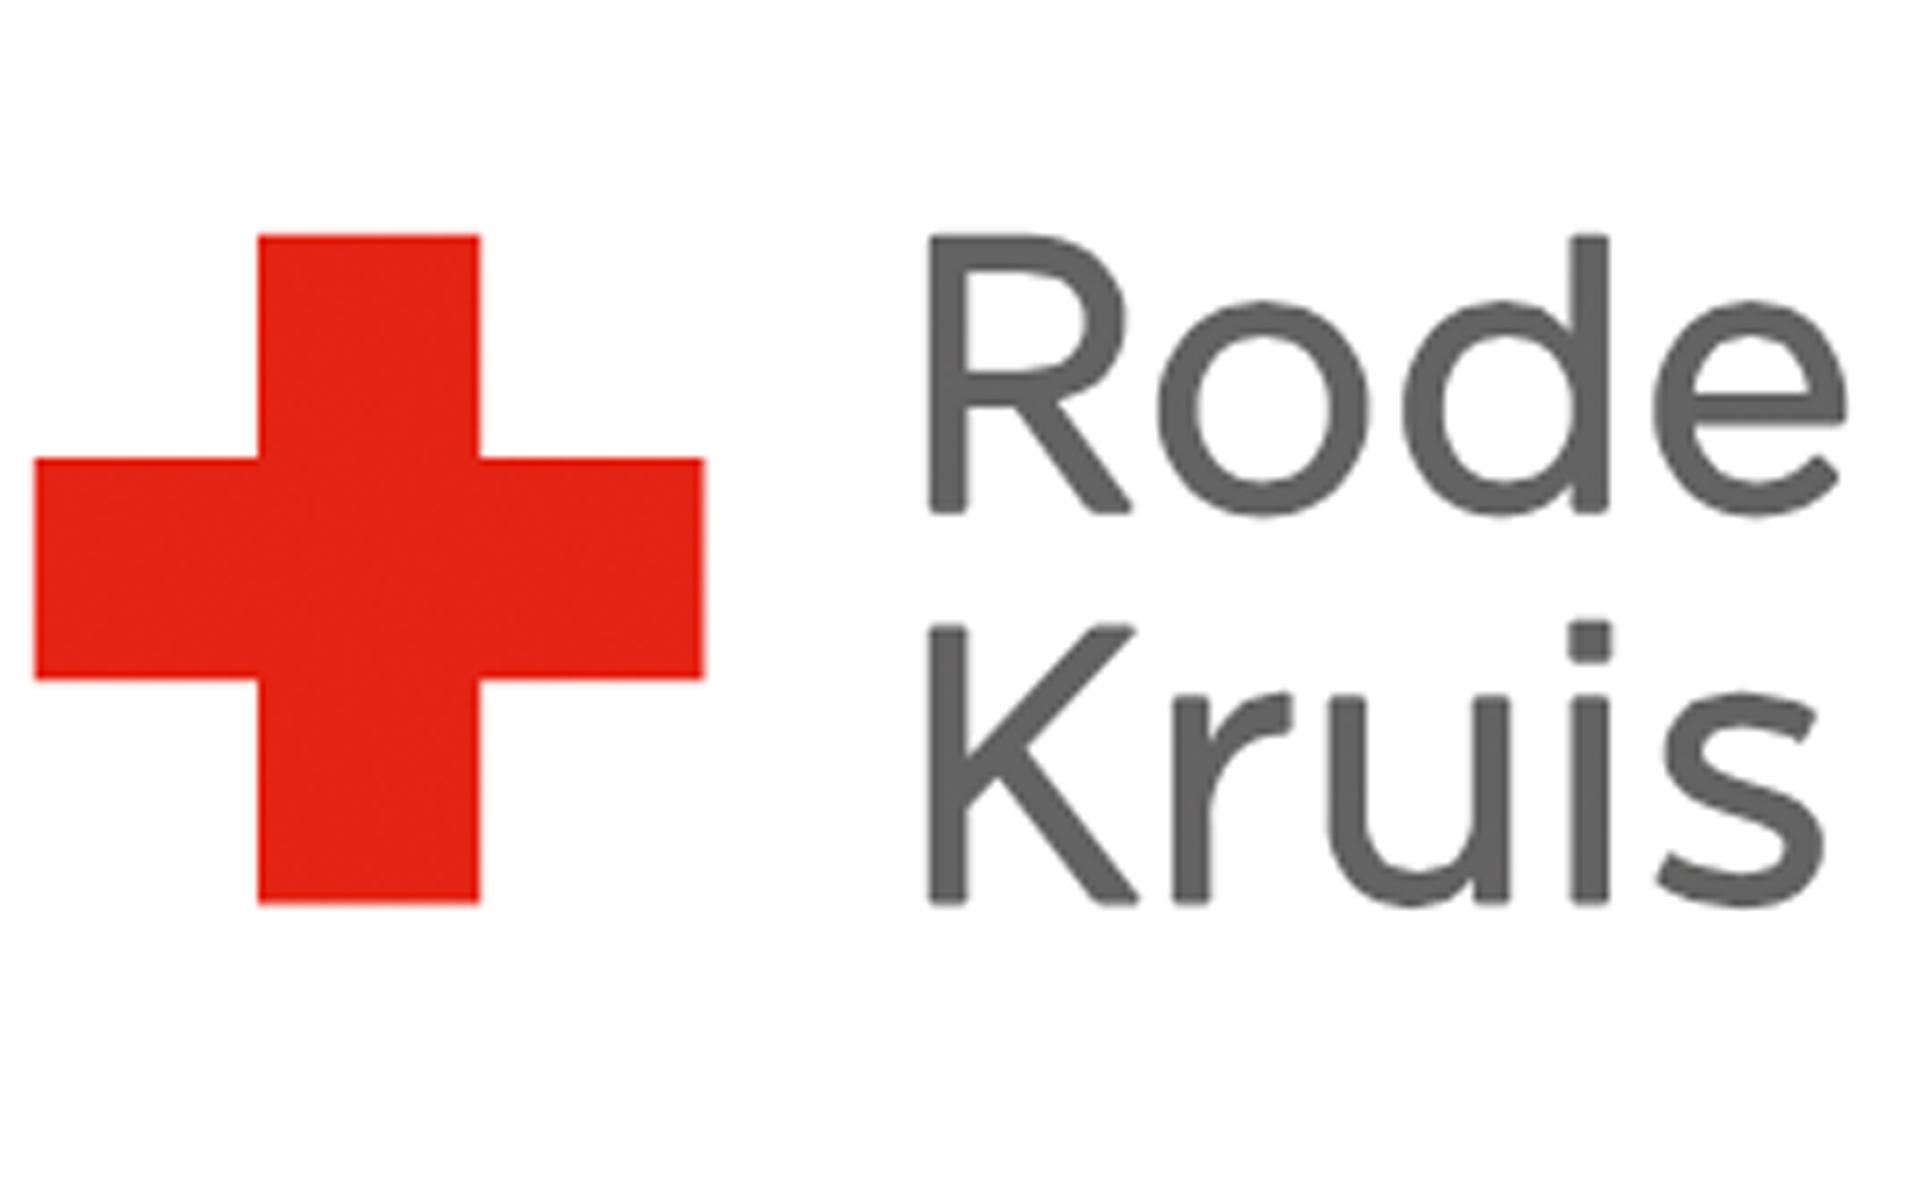 Rode_kruis_536